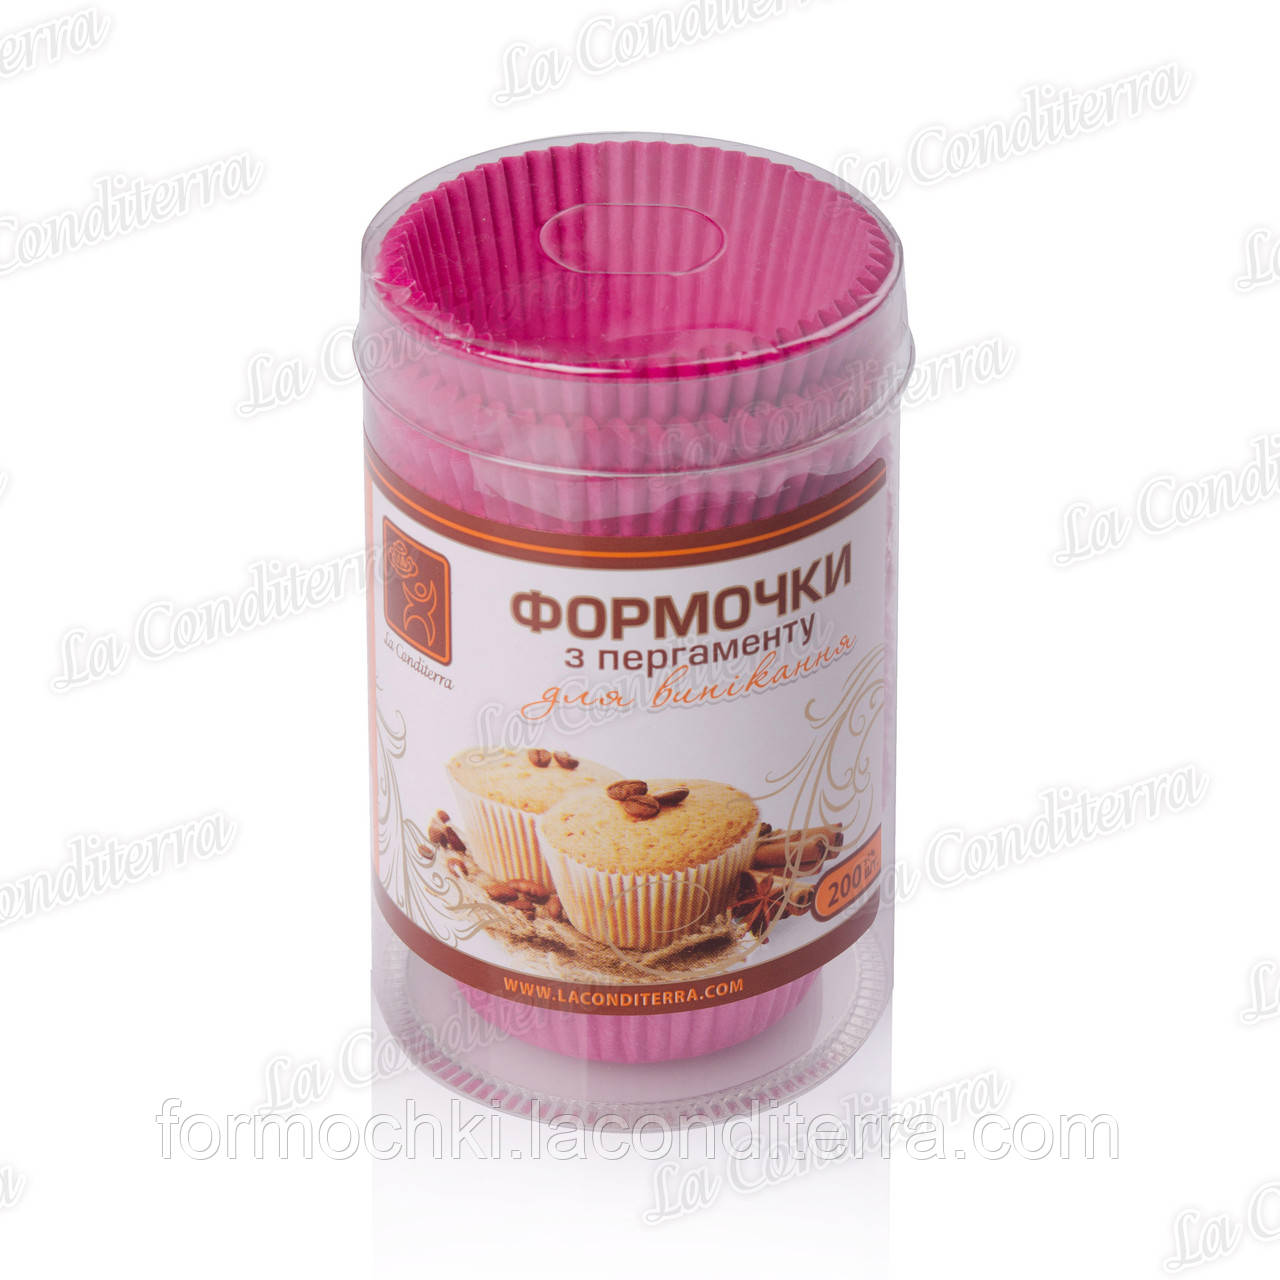 Бумажные формы для кексов, маффинов и капкейков 5-Тубус, розовые (200 шт.)